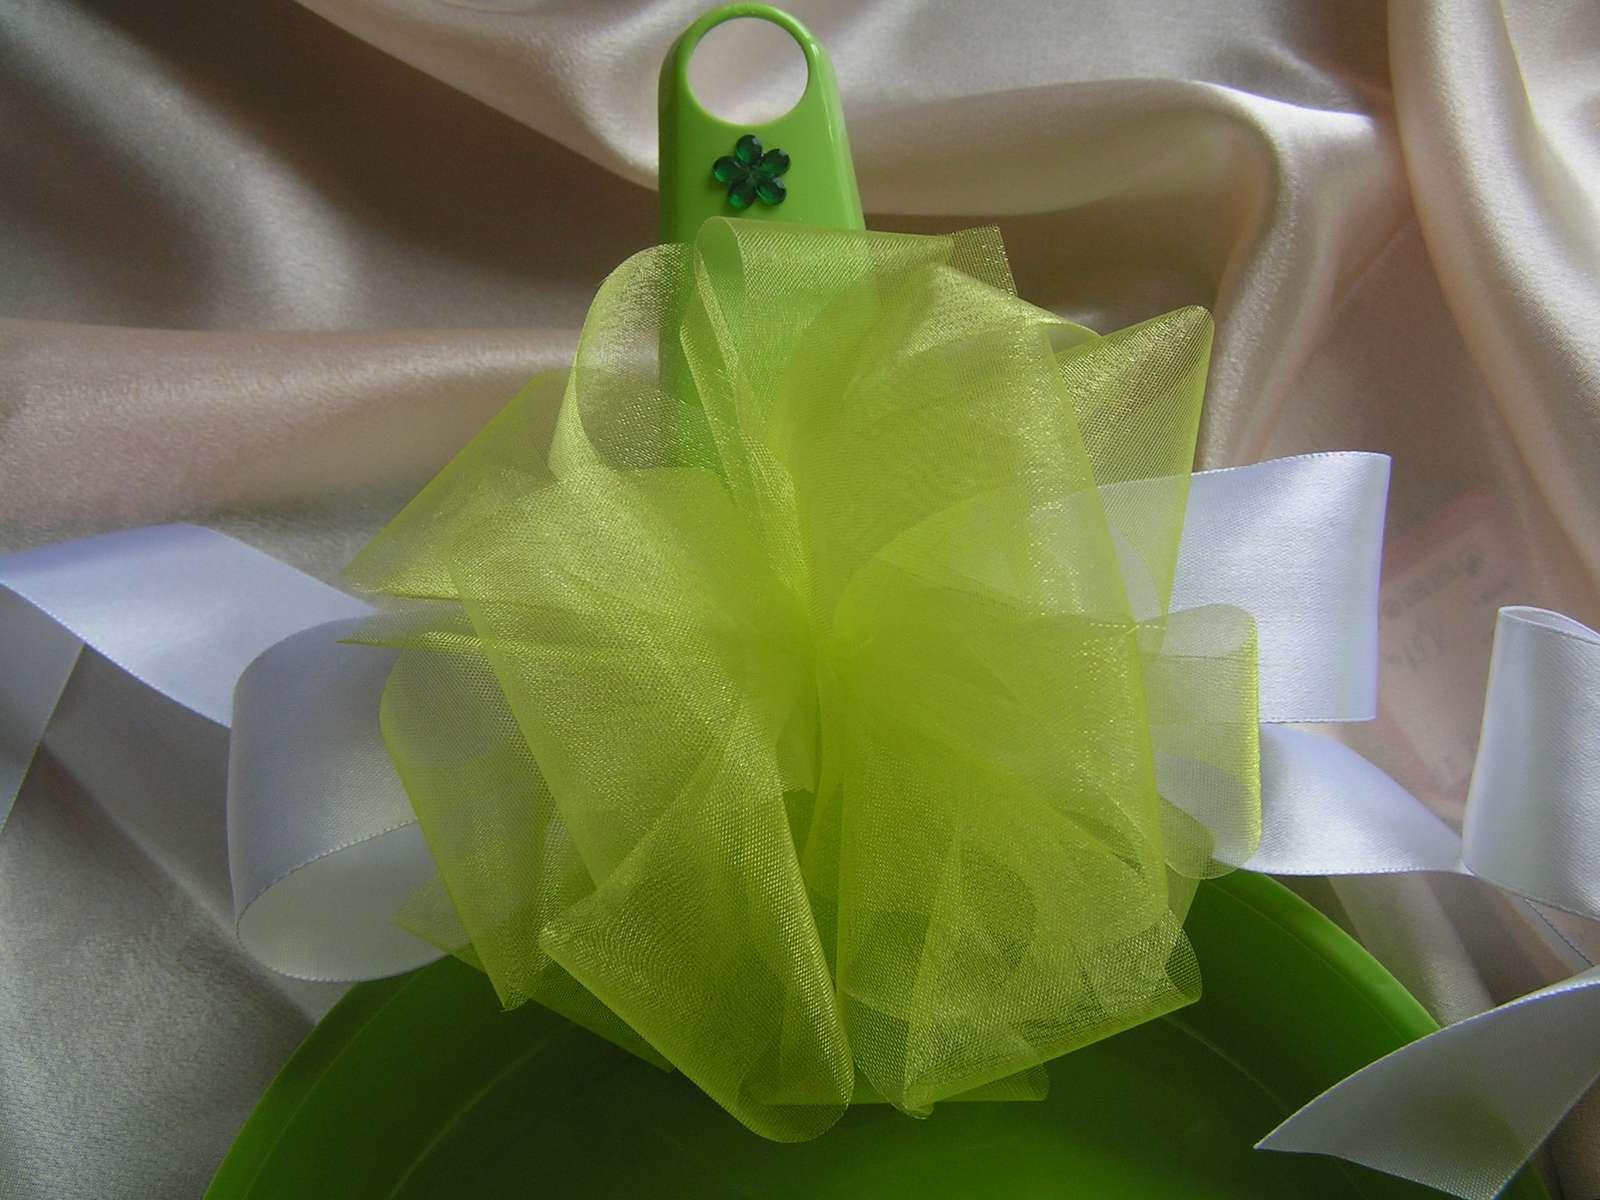 Zelená lopatka se smetáčkem - Obrázek č. 2